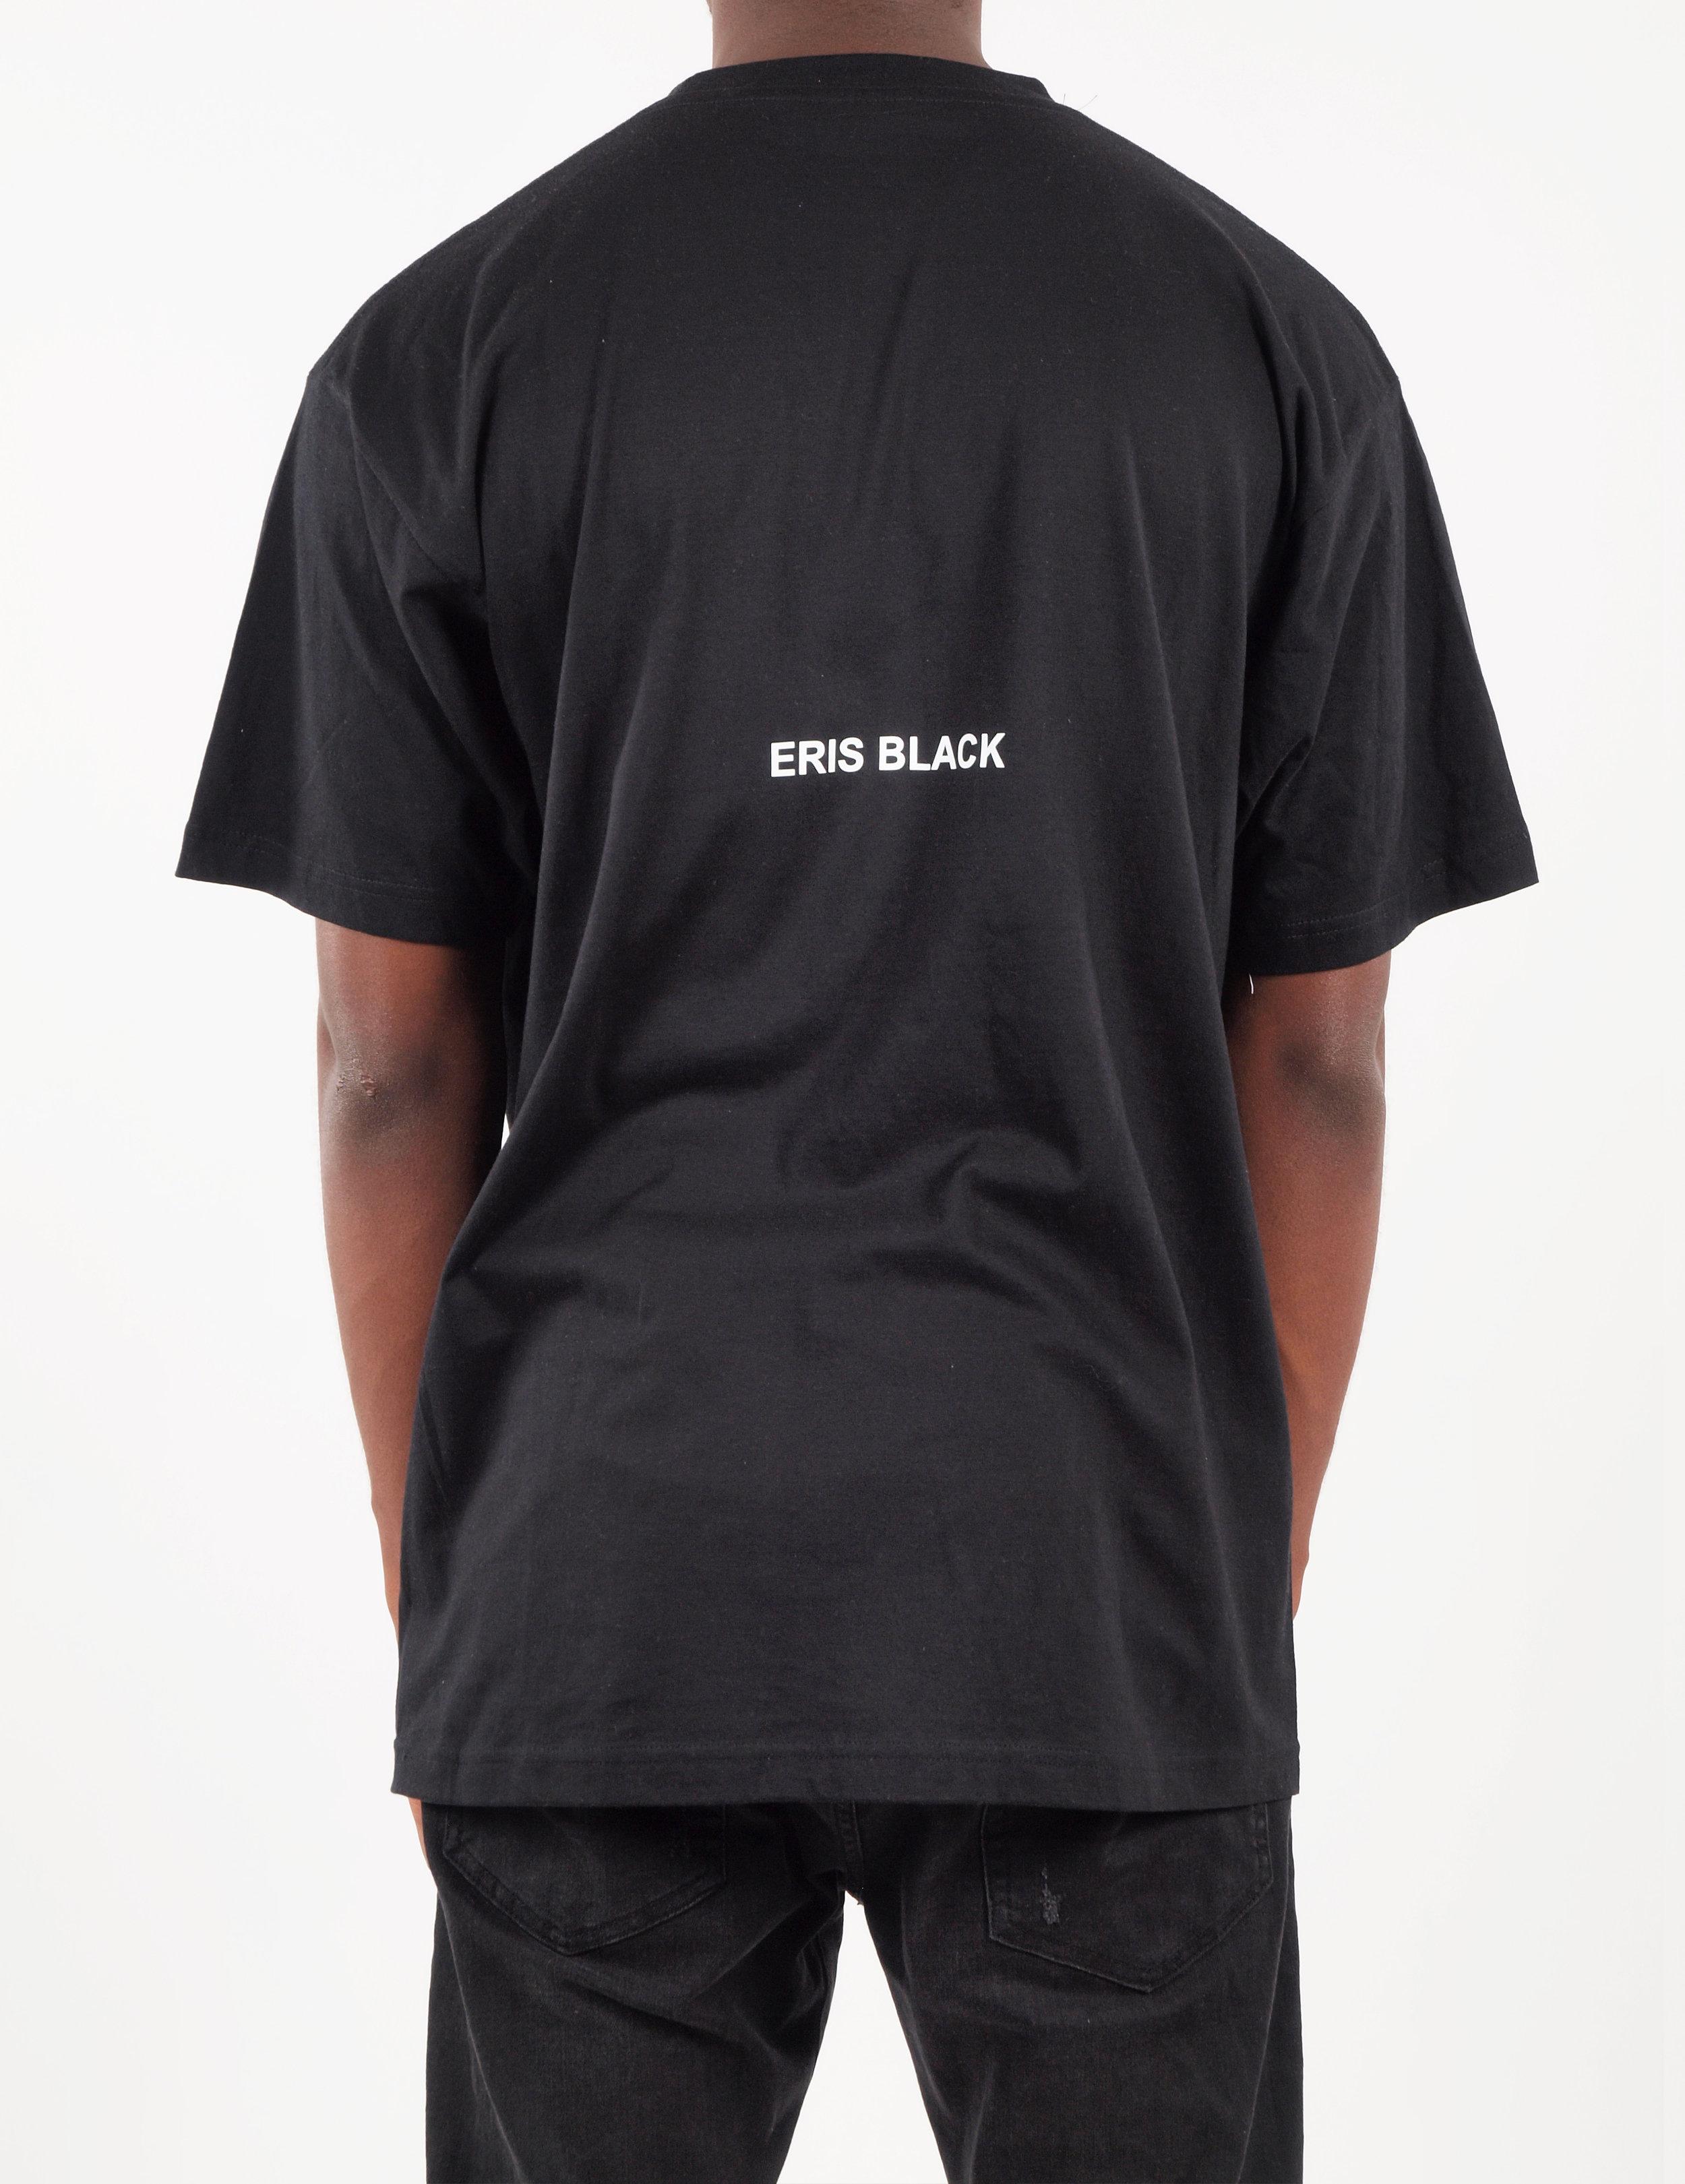 icons-tshirt-back.jpg